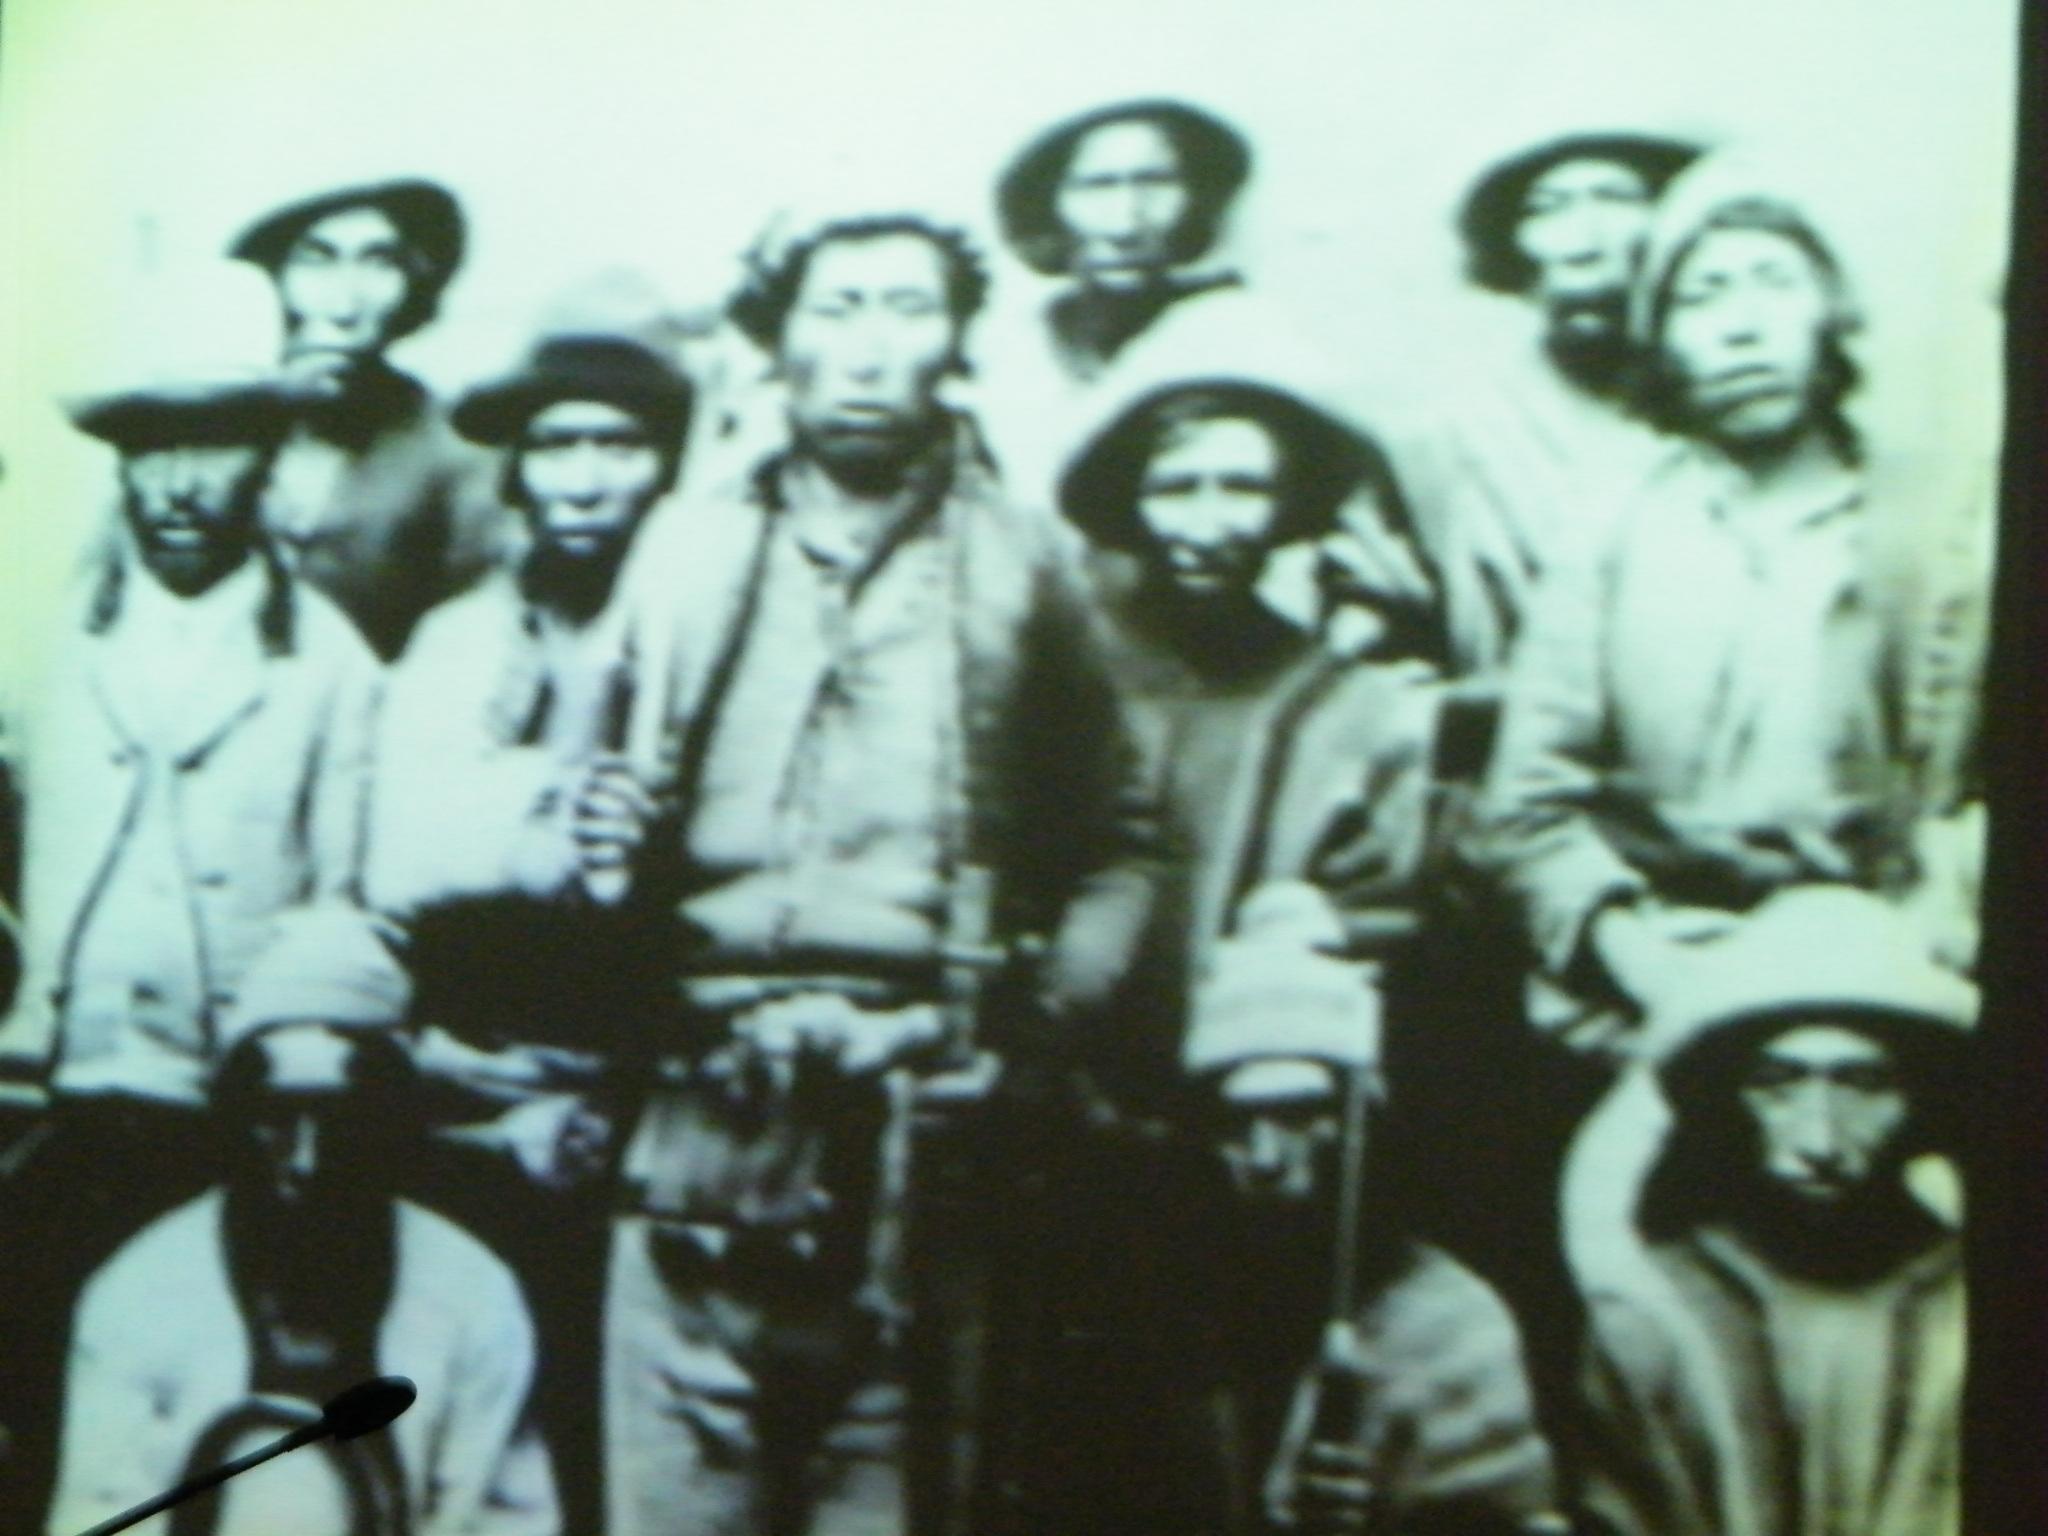 Los pueblos originarios avasallados son diezmados durante la colonia y hasta la actualidad. ¿No es hora aun de poner fin a la discriminación, avasallamiento y sometimiento racial?